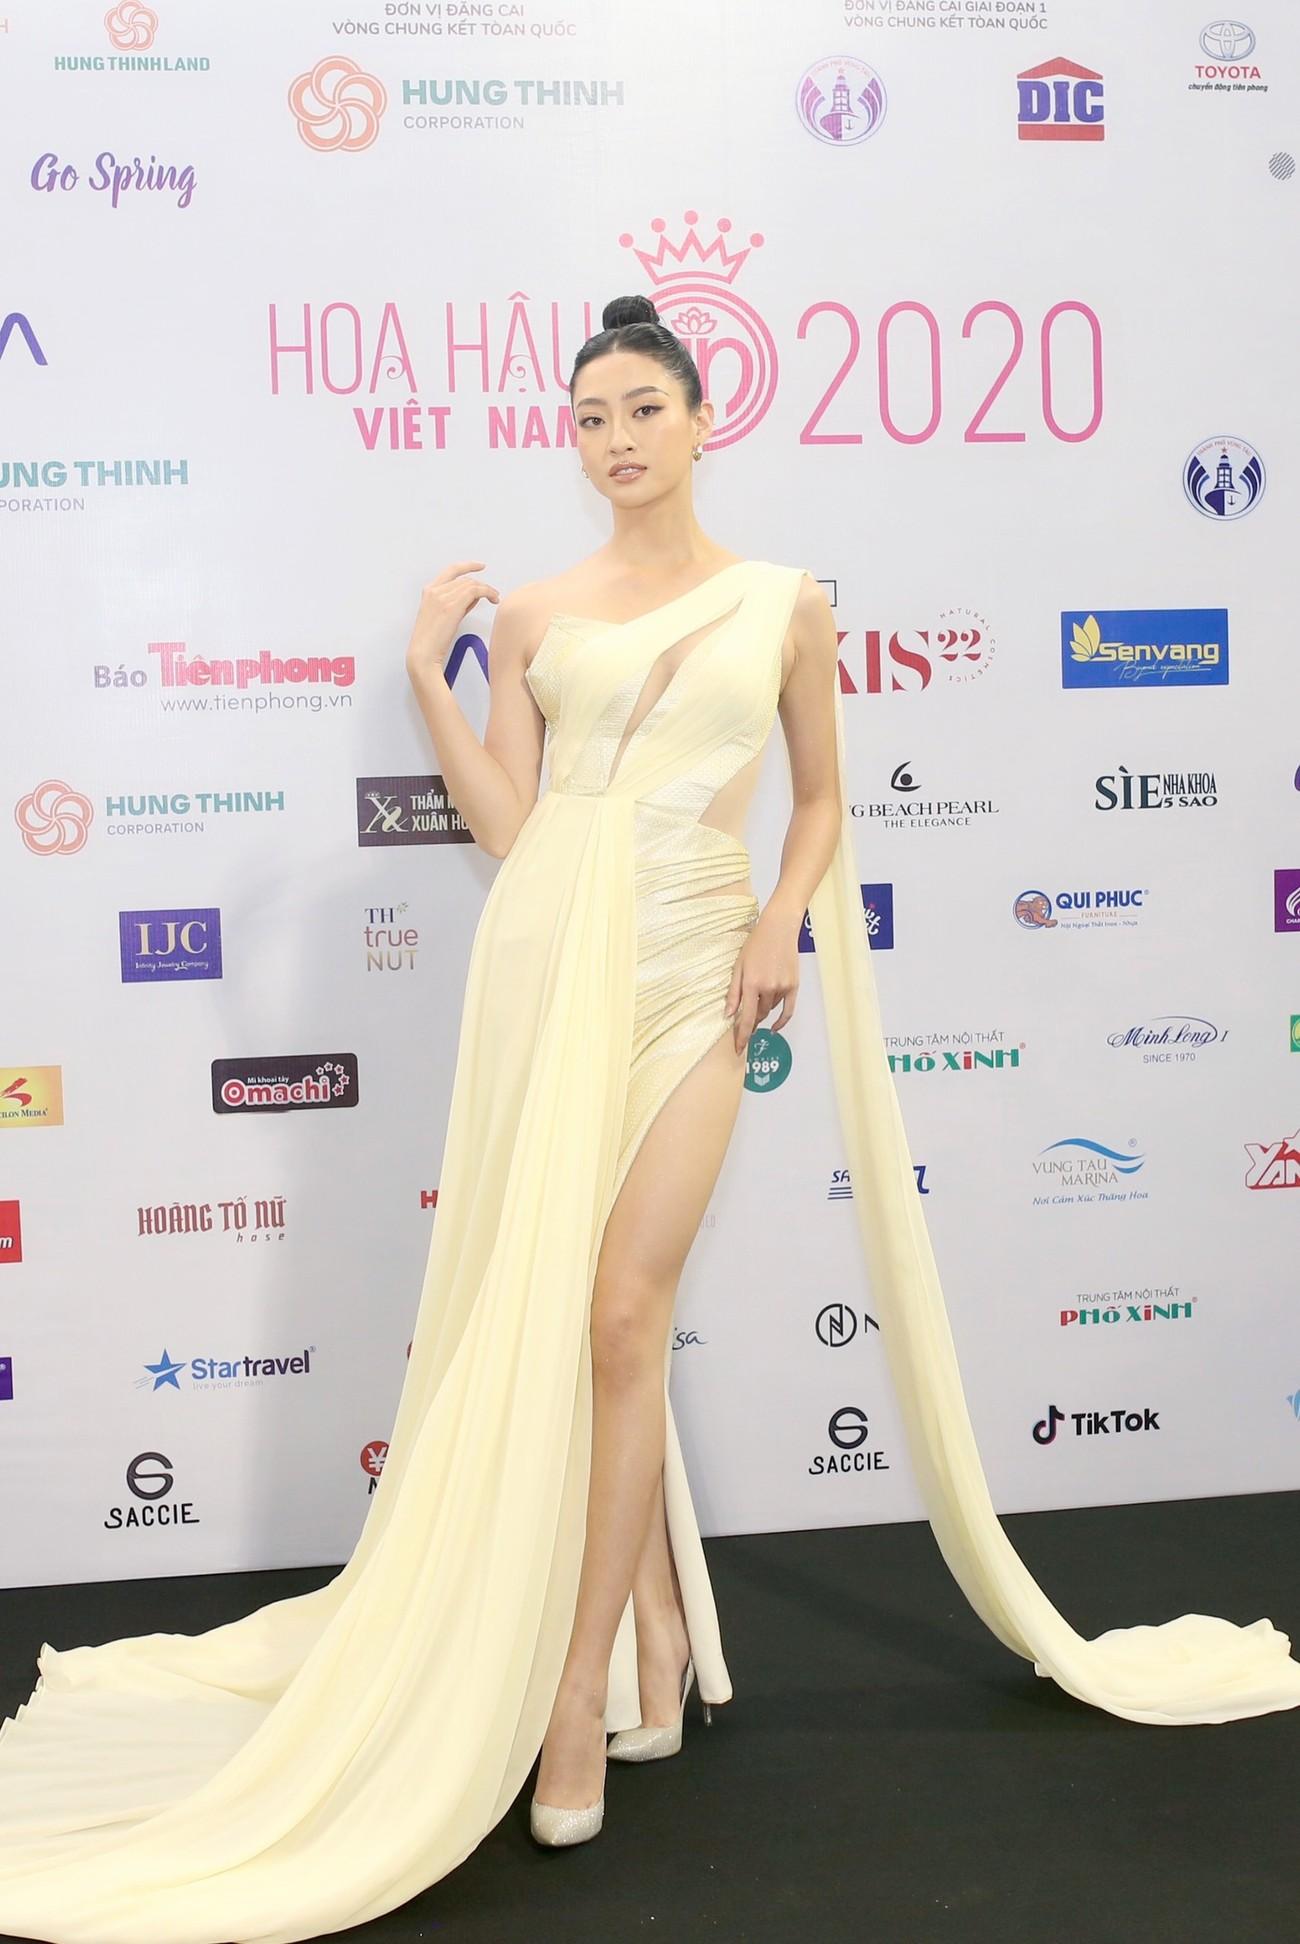 Dàn Hoa hậu, Á hậu khoe dáng nóng bỏng tại họp báo Chung kết toàn quốc HHVN 2020 ảnh 4